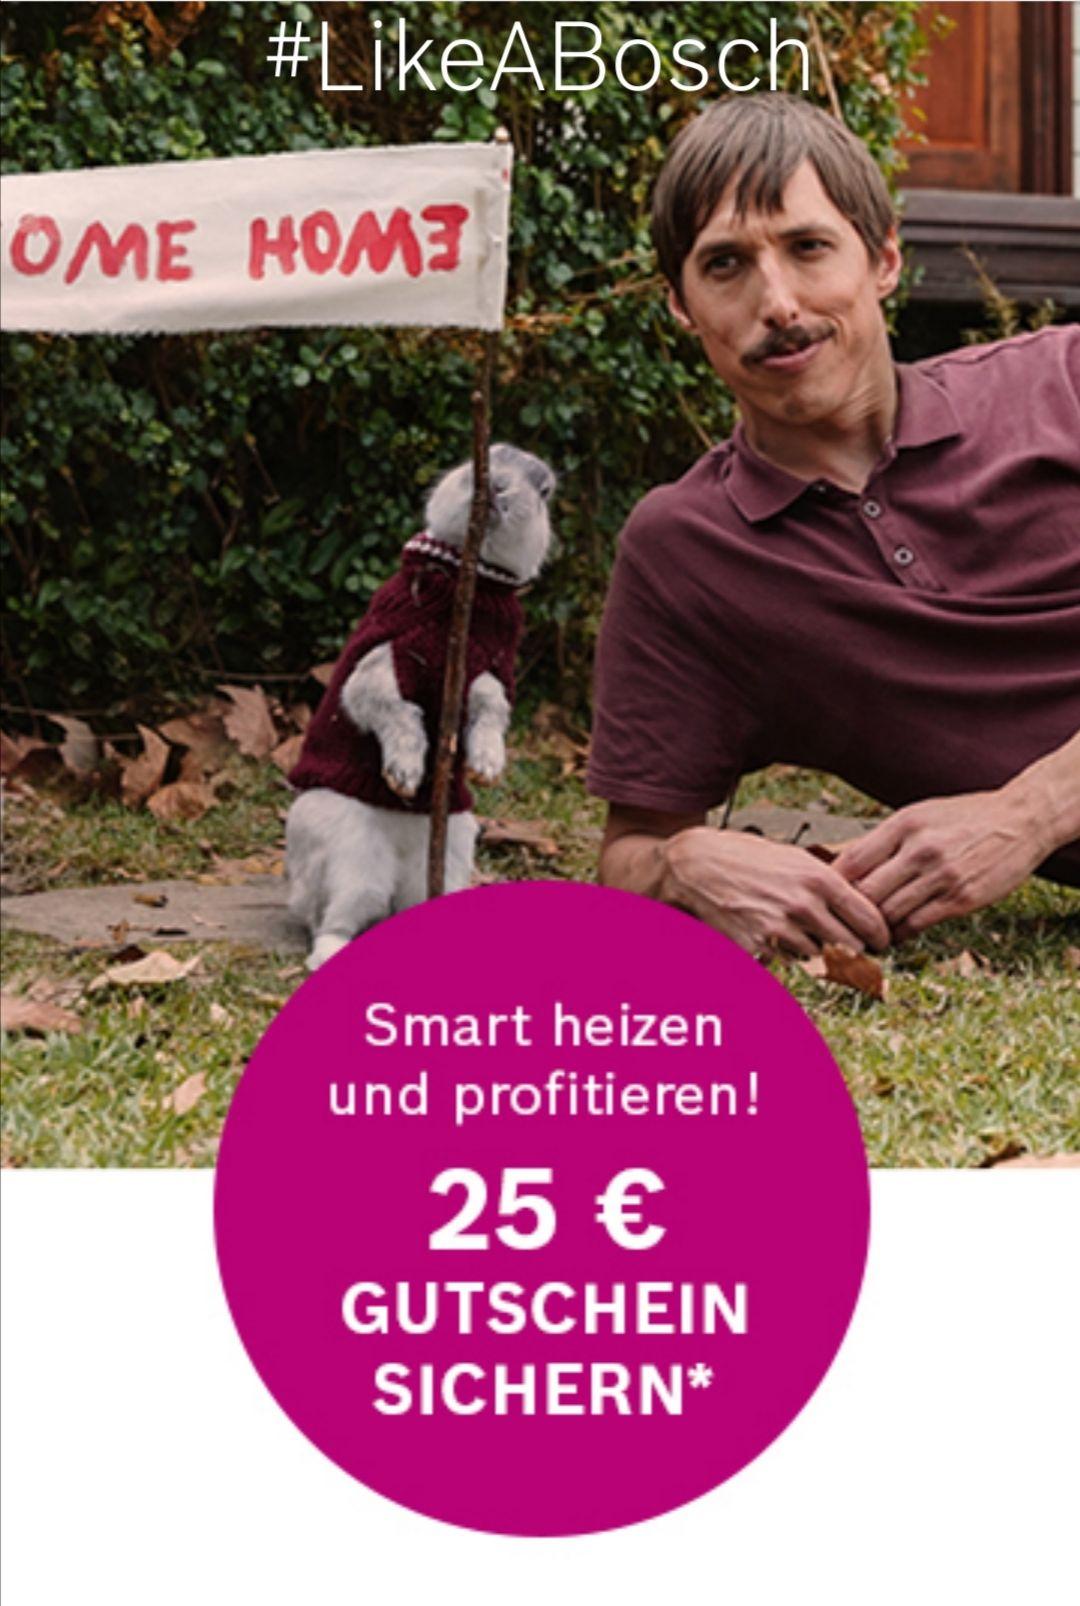 Bosch Smart Home 25 Euro Gutschein bei 150 Euro Einkauf - #LikeABosch